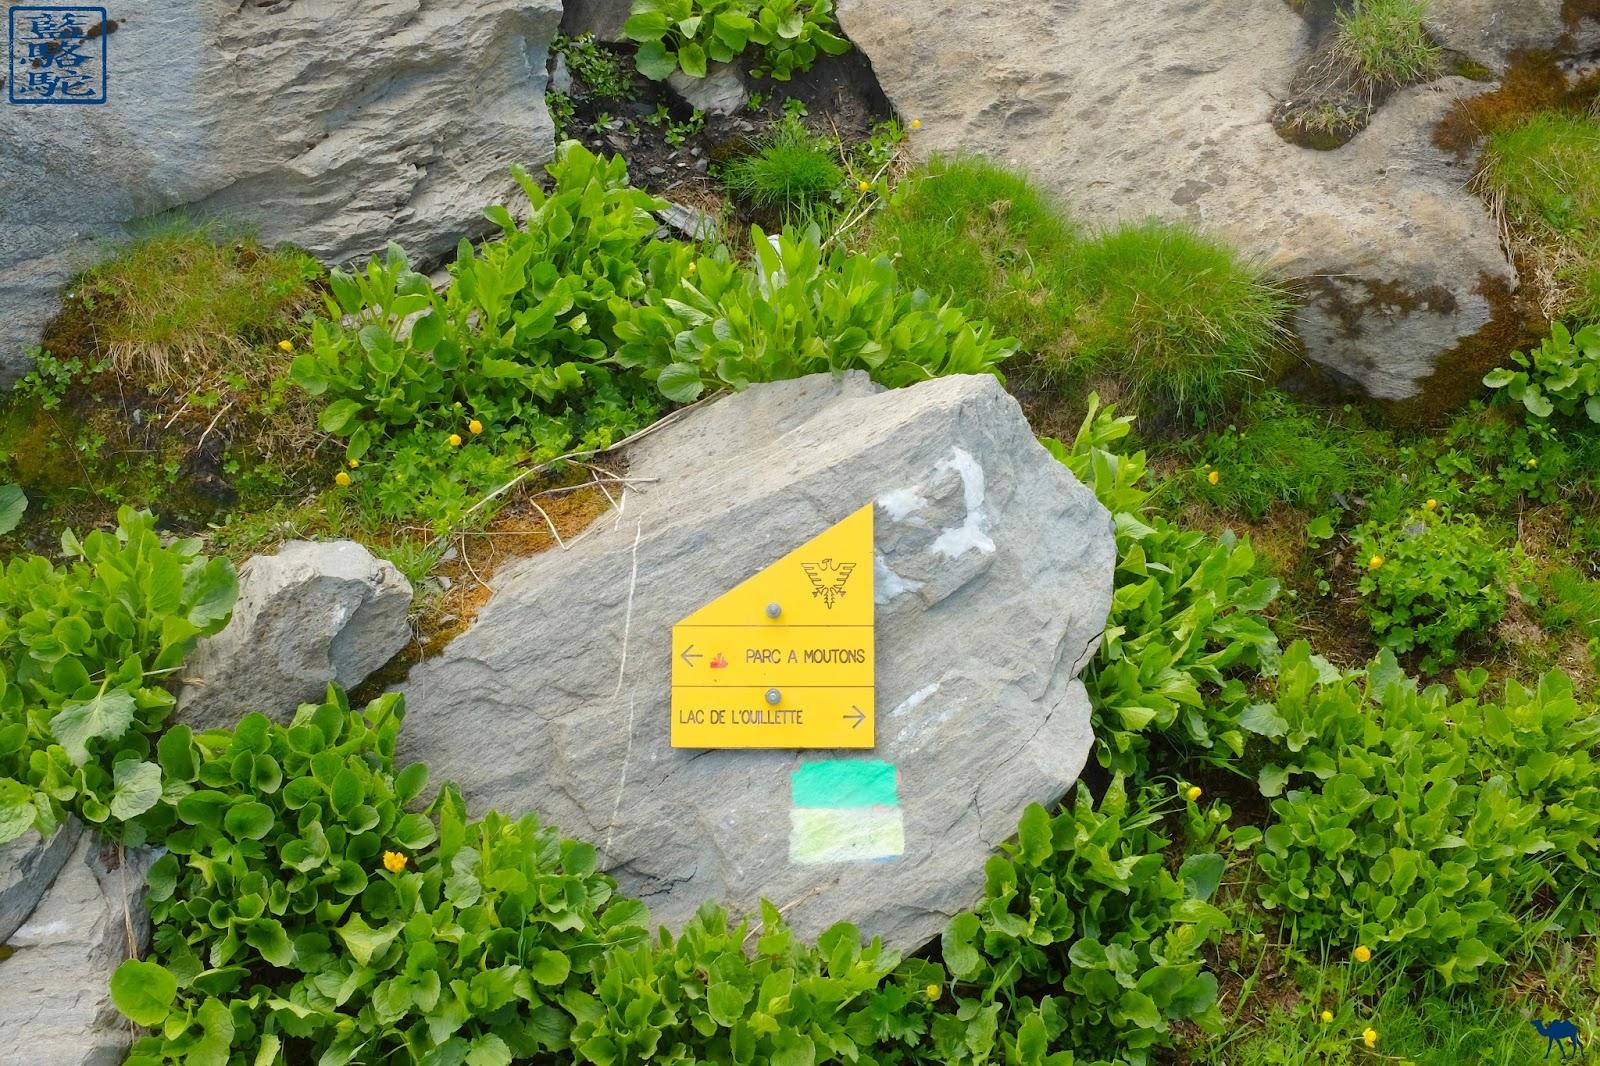 Le Chameau Bleu - Val d'Isère en été - Lac de l'ouillette Savoie